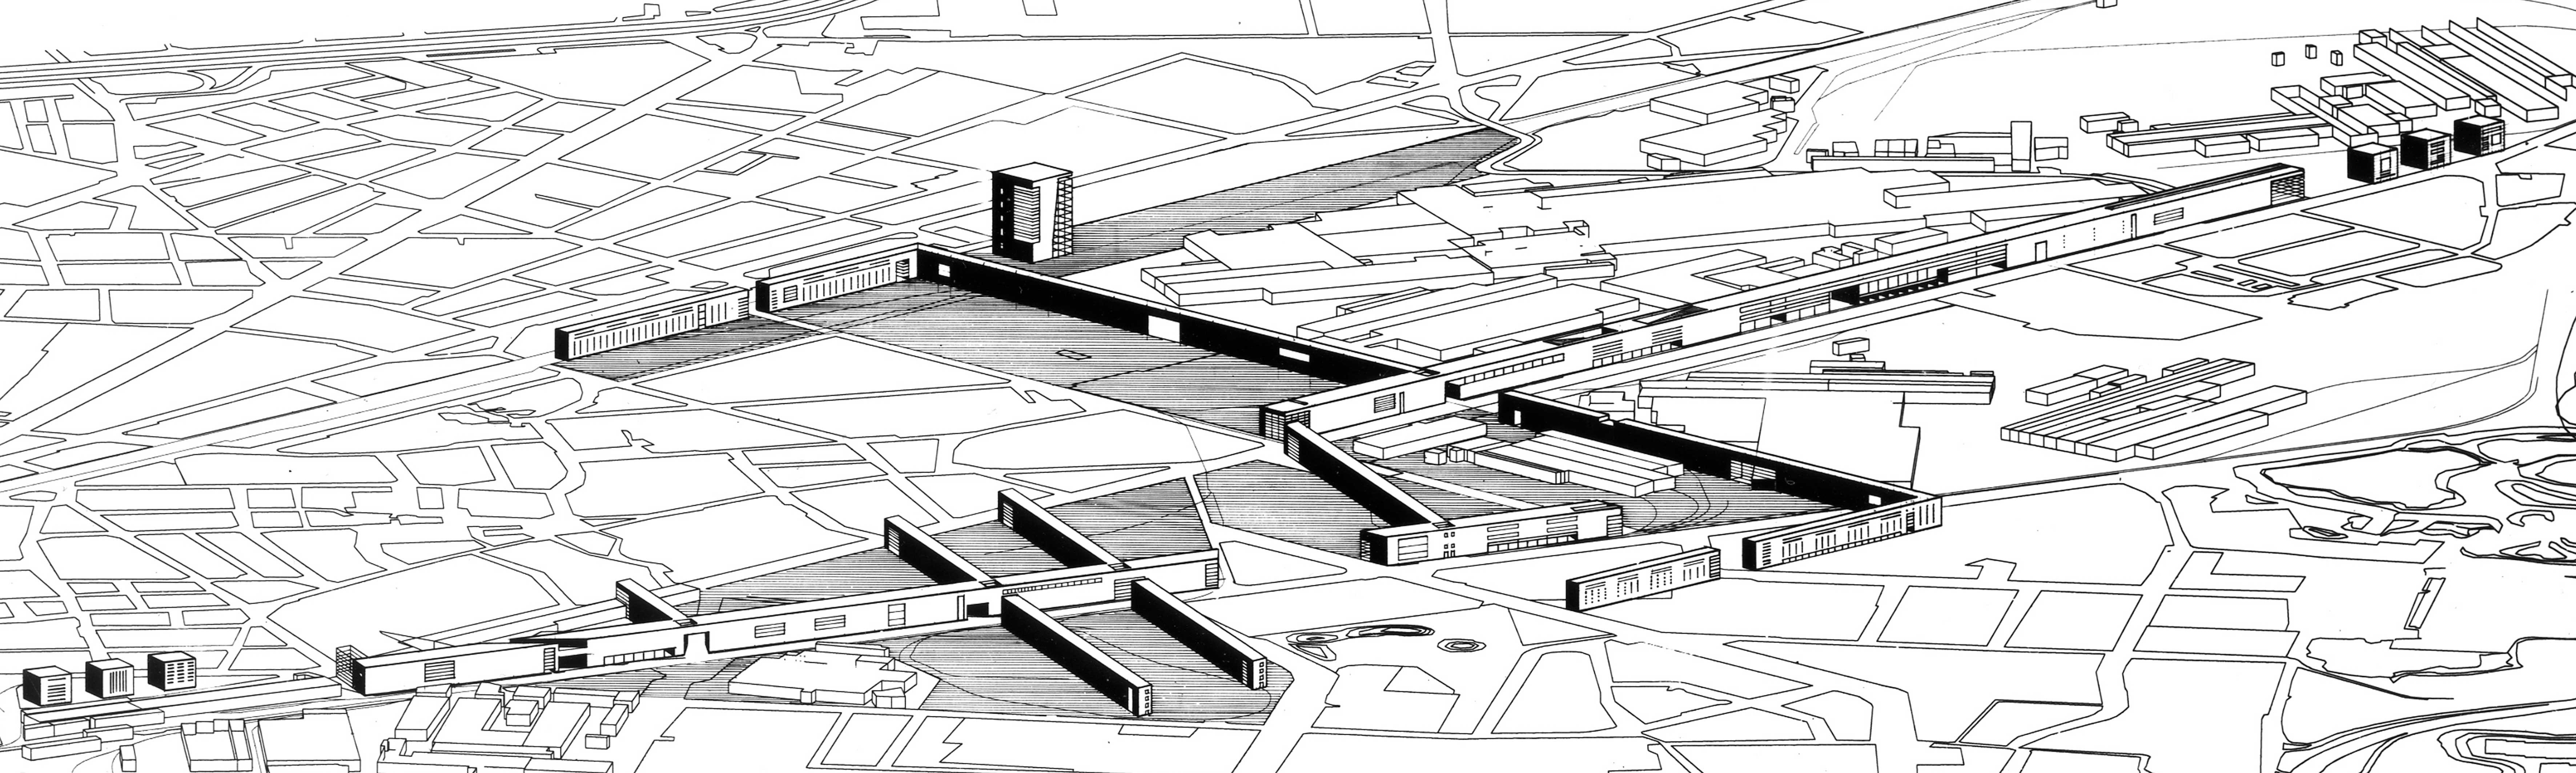 Bordini Valter Ordine Degli Architetti Di Roma